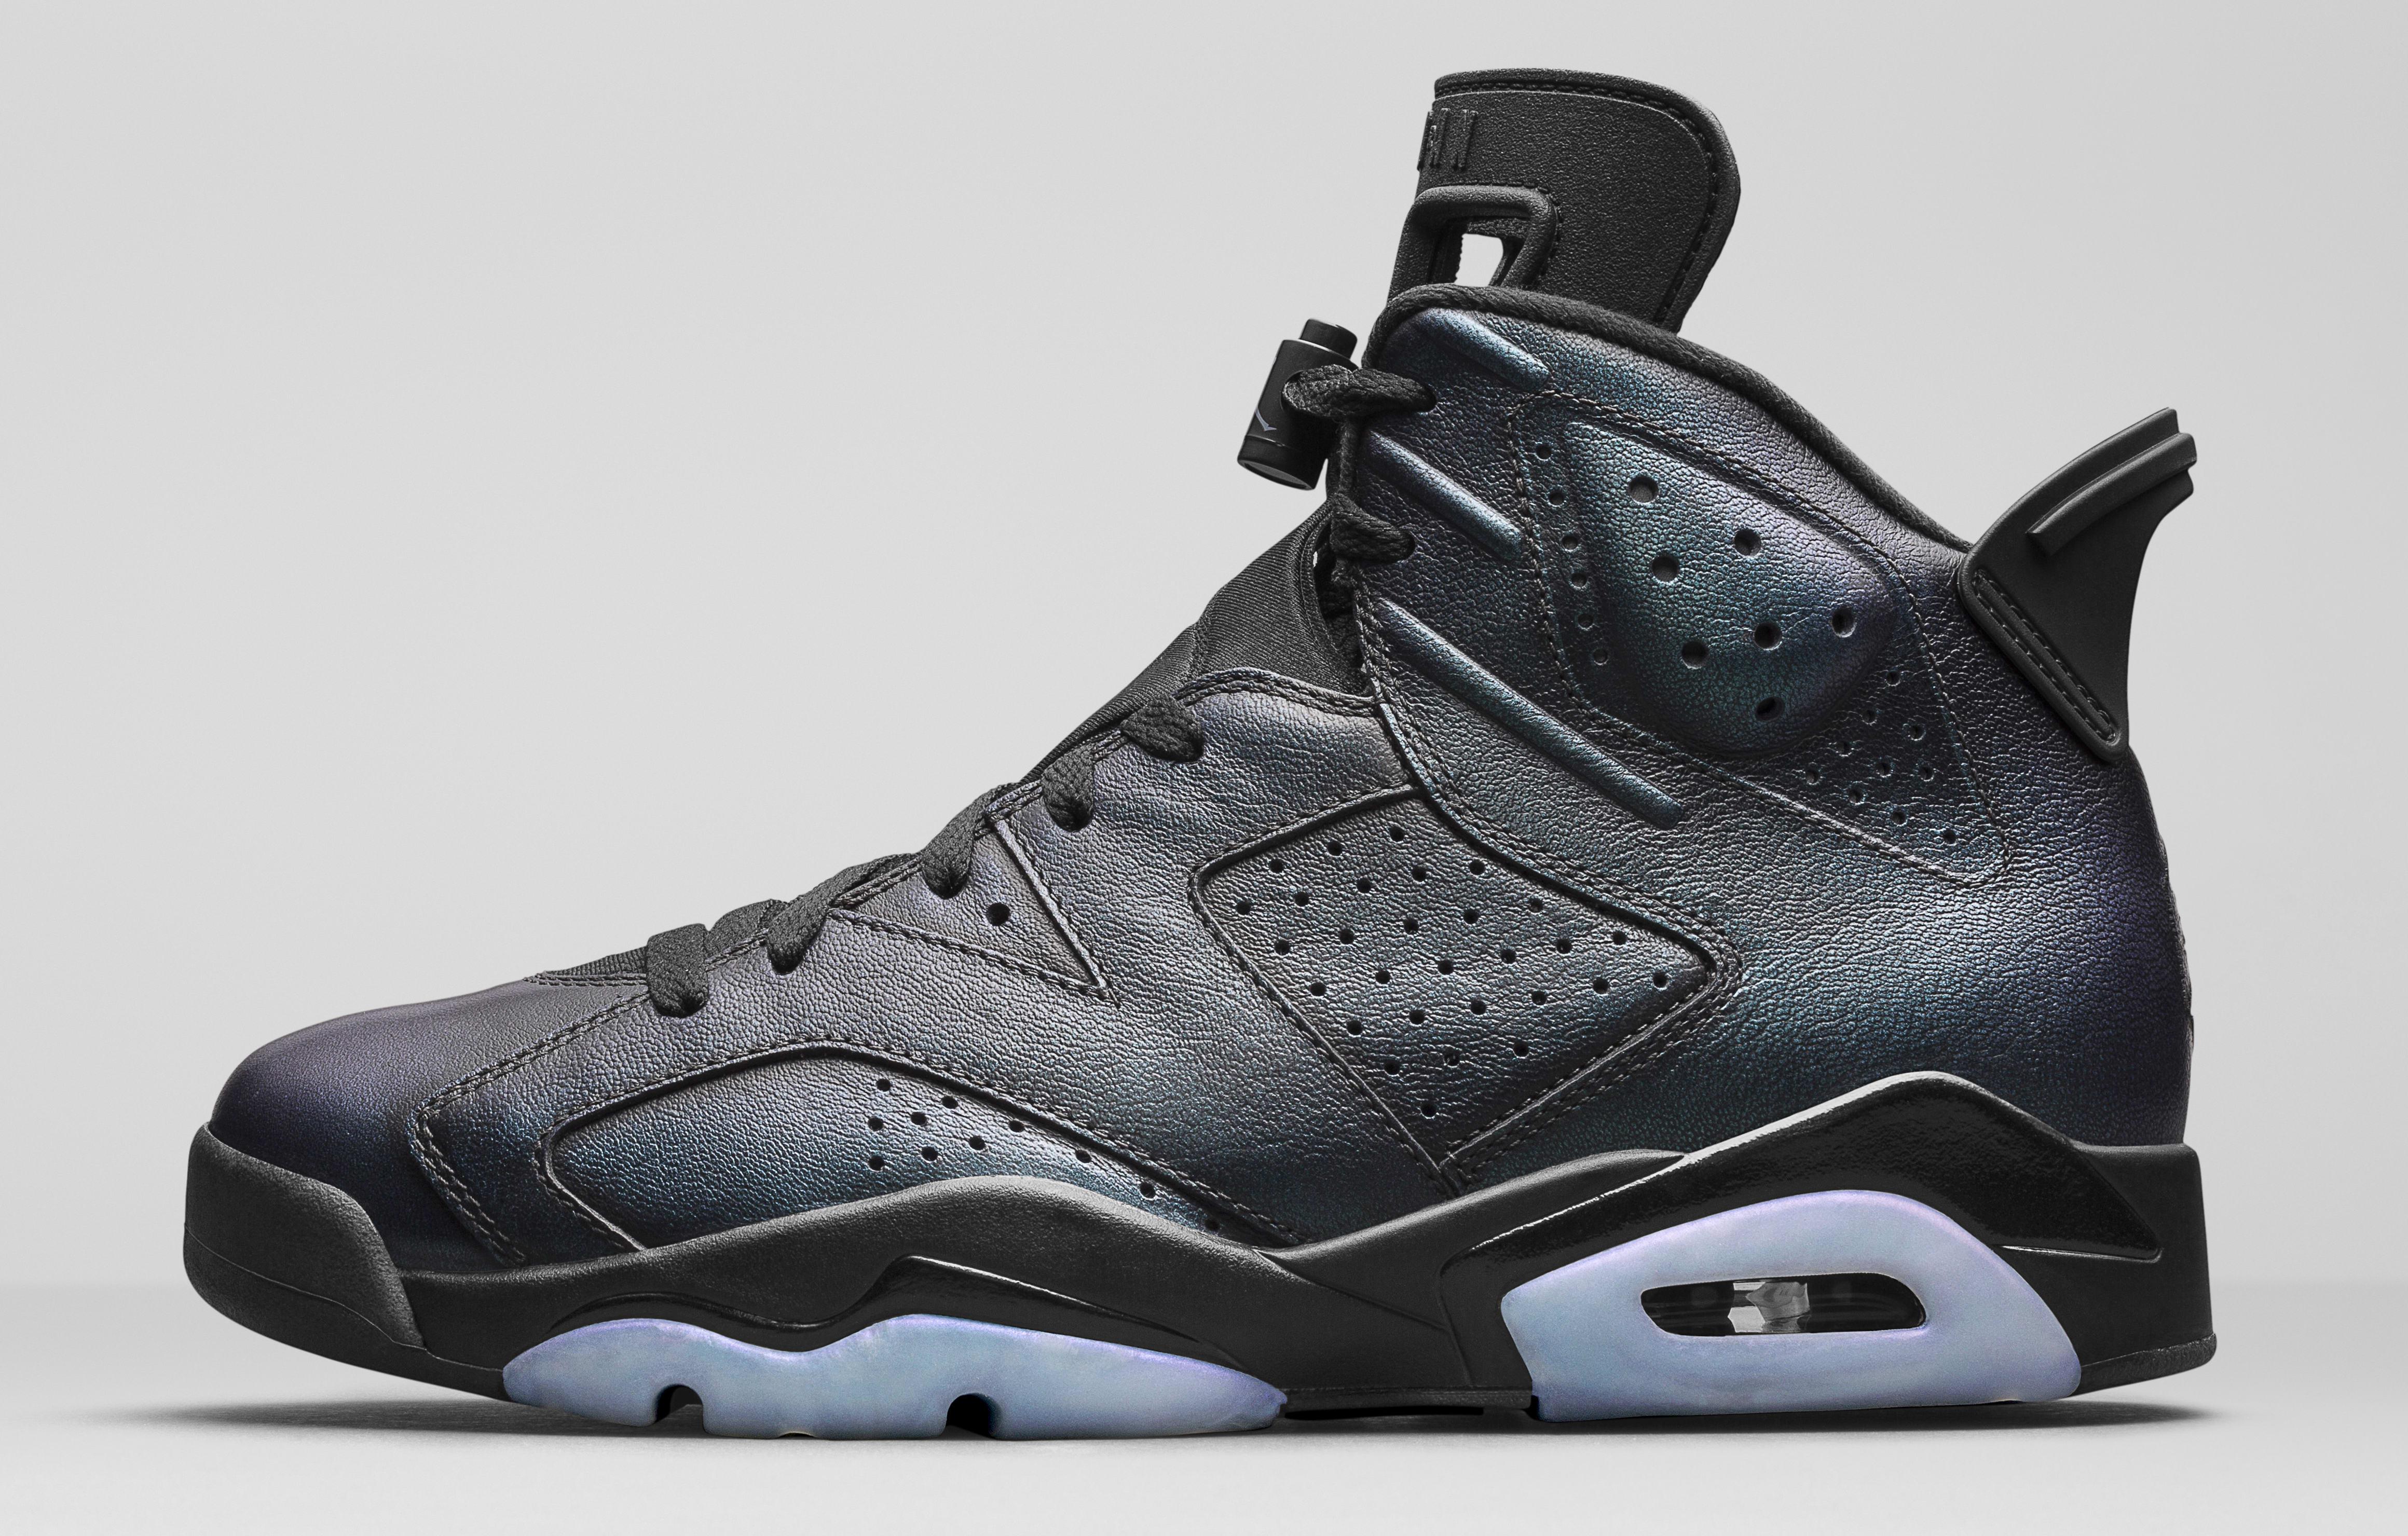 best loved 012ed f59ce Image via Nike Air Jordan 6